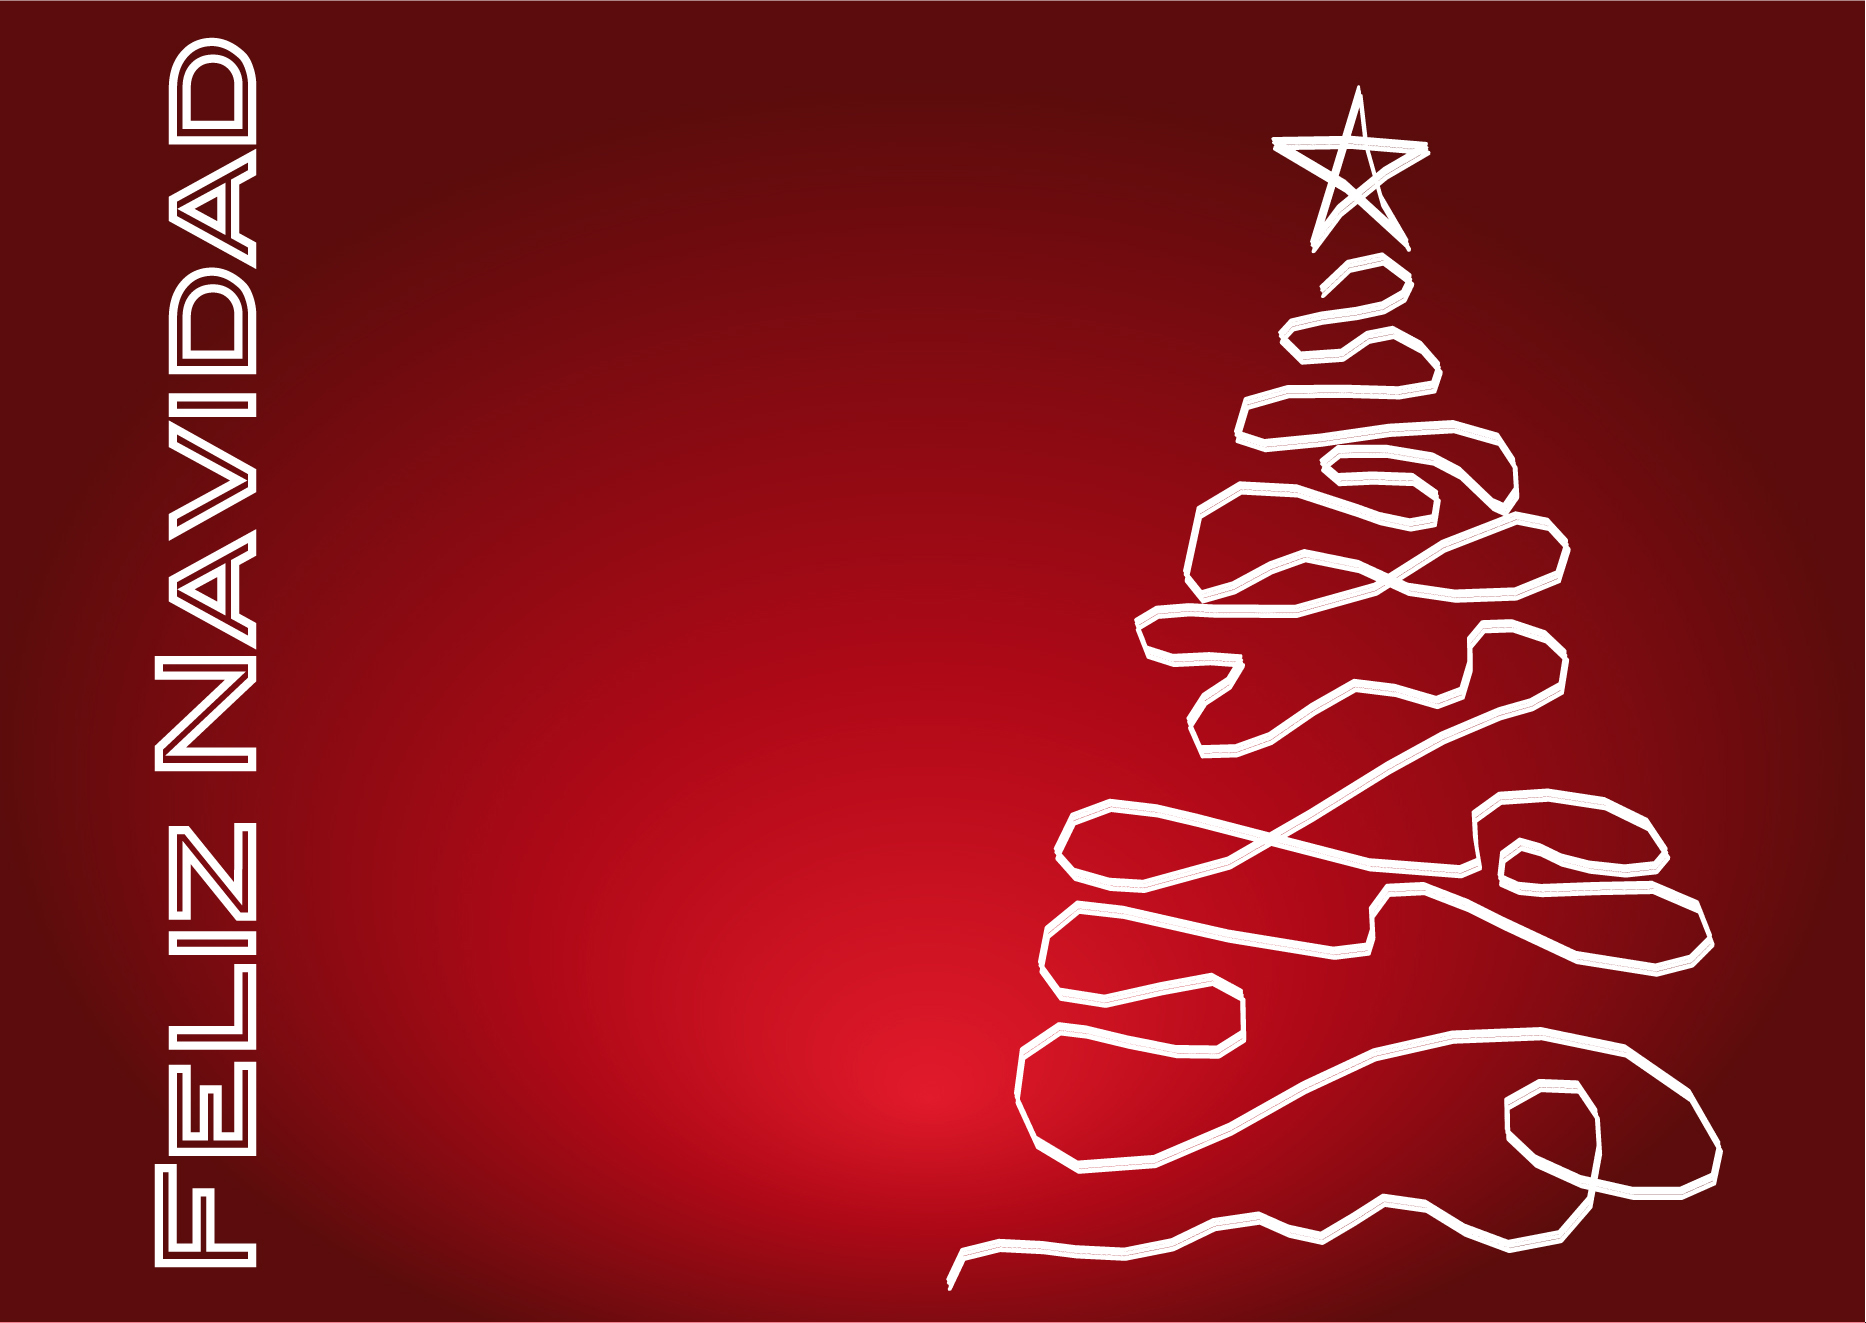 Tarjetas Originales De Navidad Tarjetas De Navidad Originales Para - Tarjeta-de-navidad-original